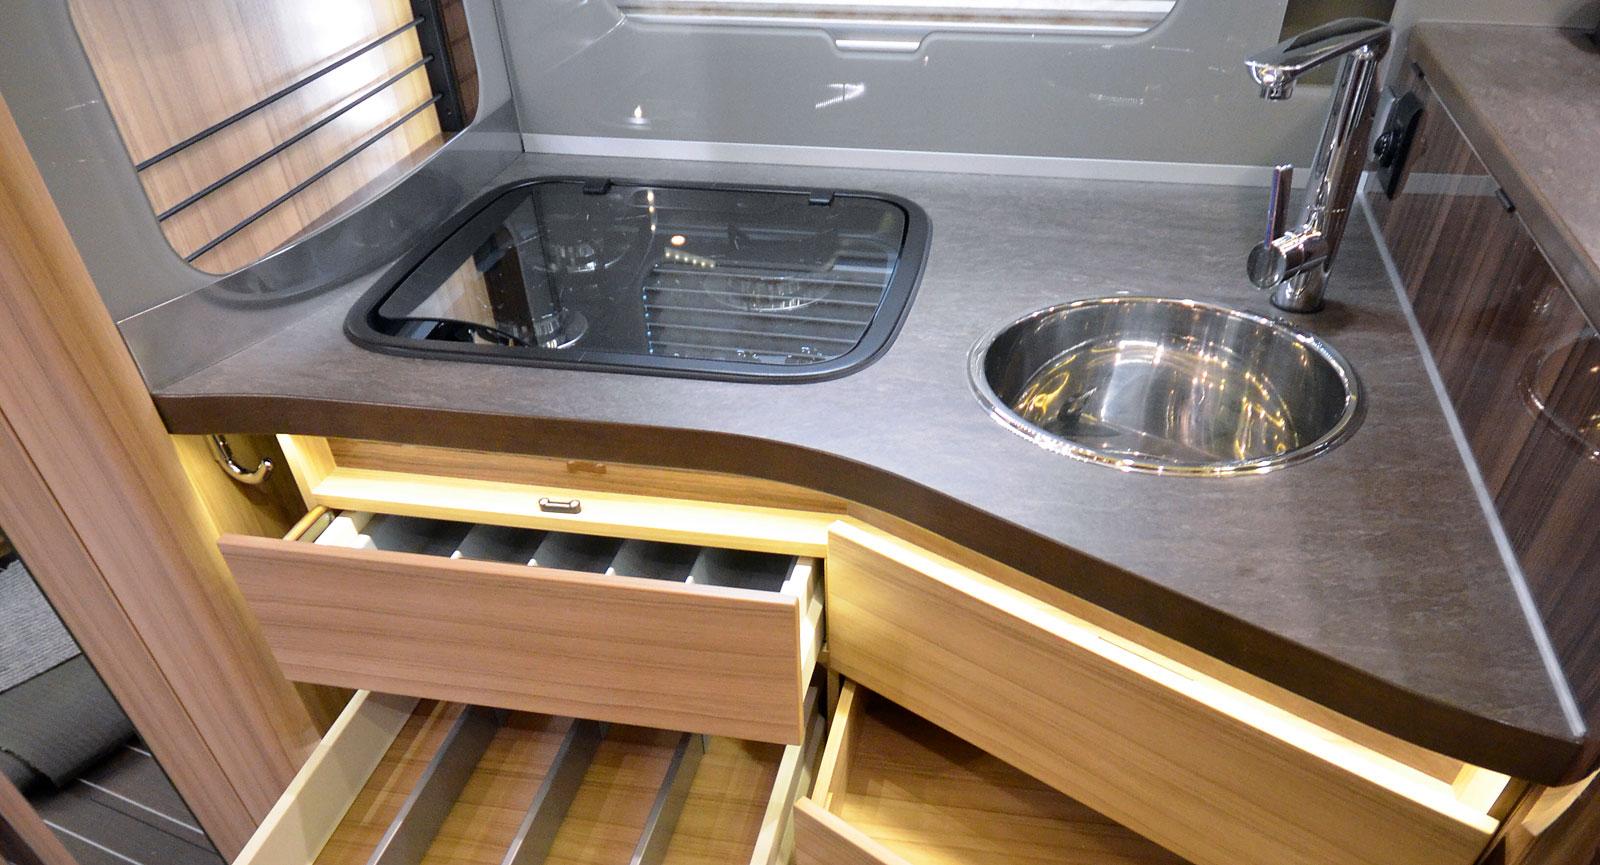 Köket bjuder på bra lösningar inför matlagningen med gott om lådor. Arbetsytorna är, om inte jättestora, så i alla fall godkända.